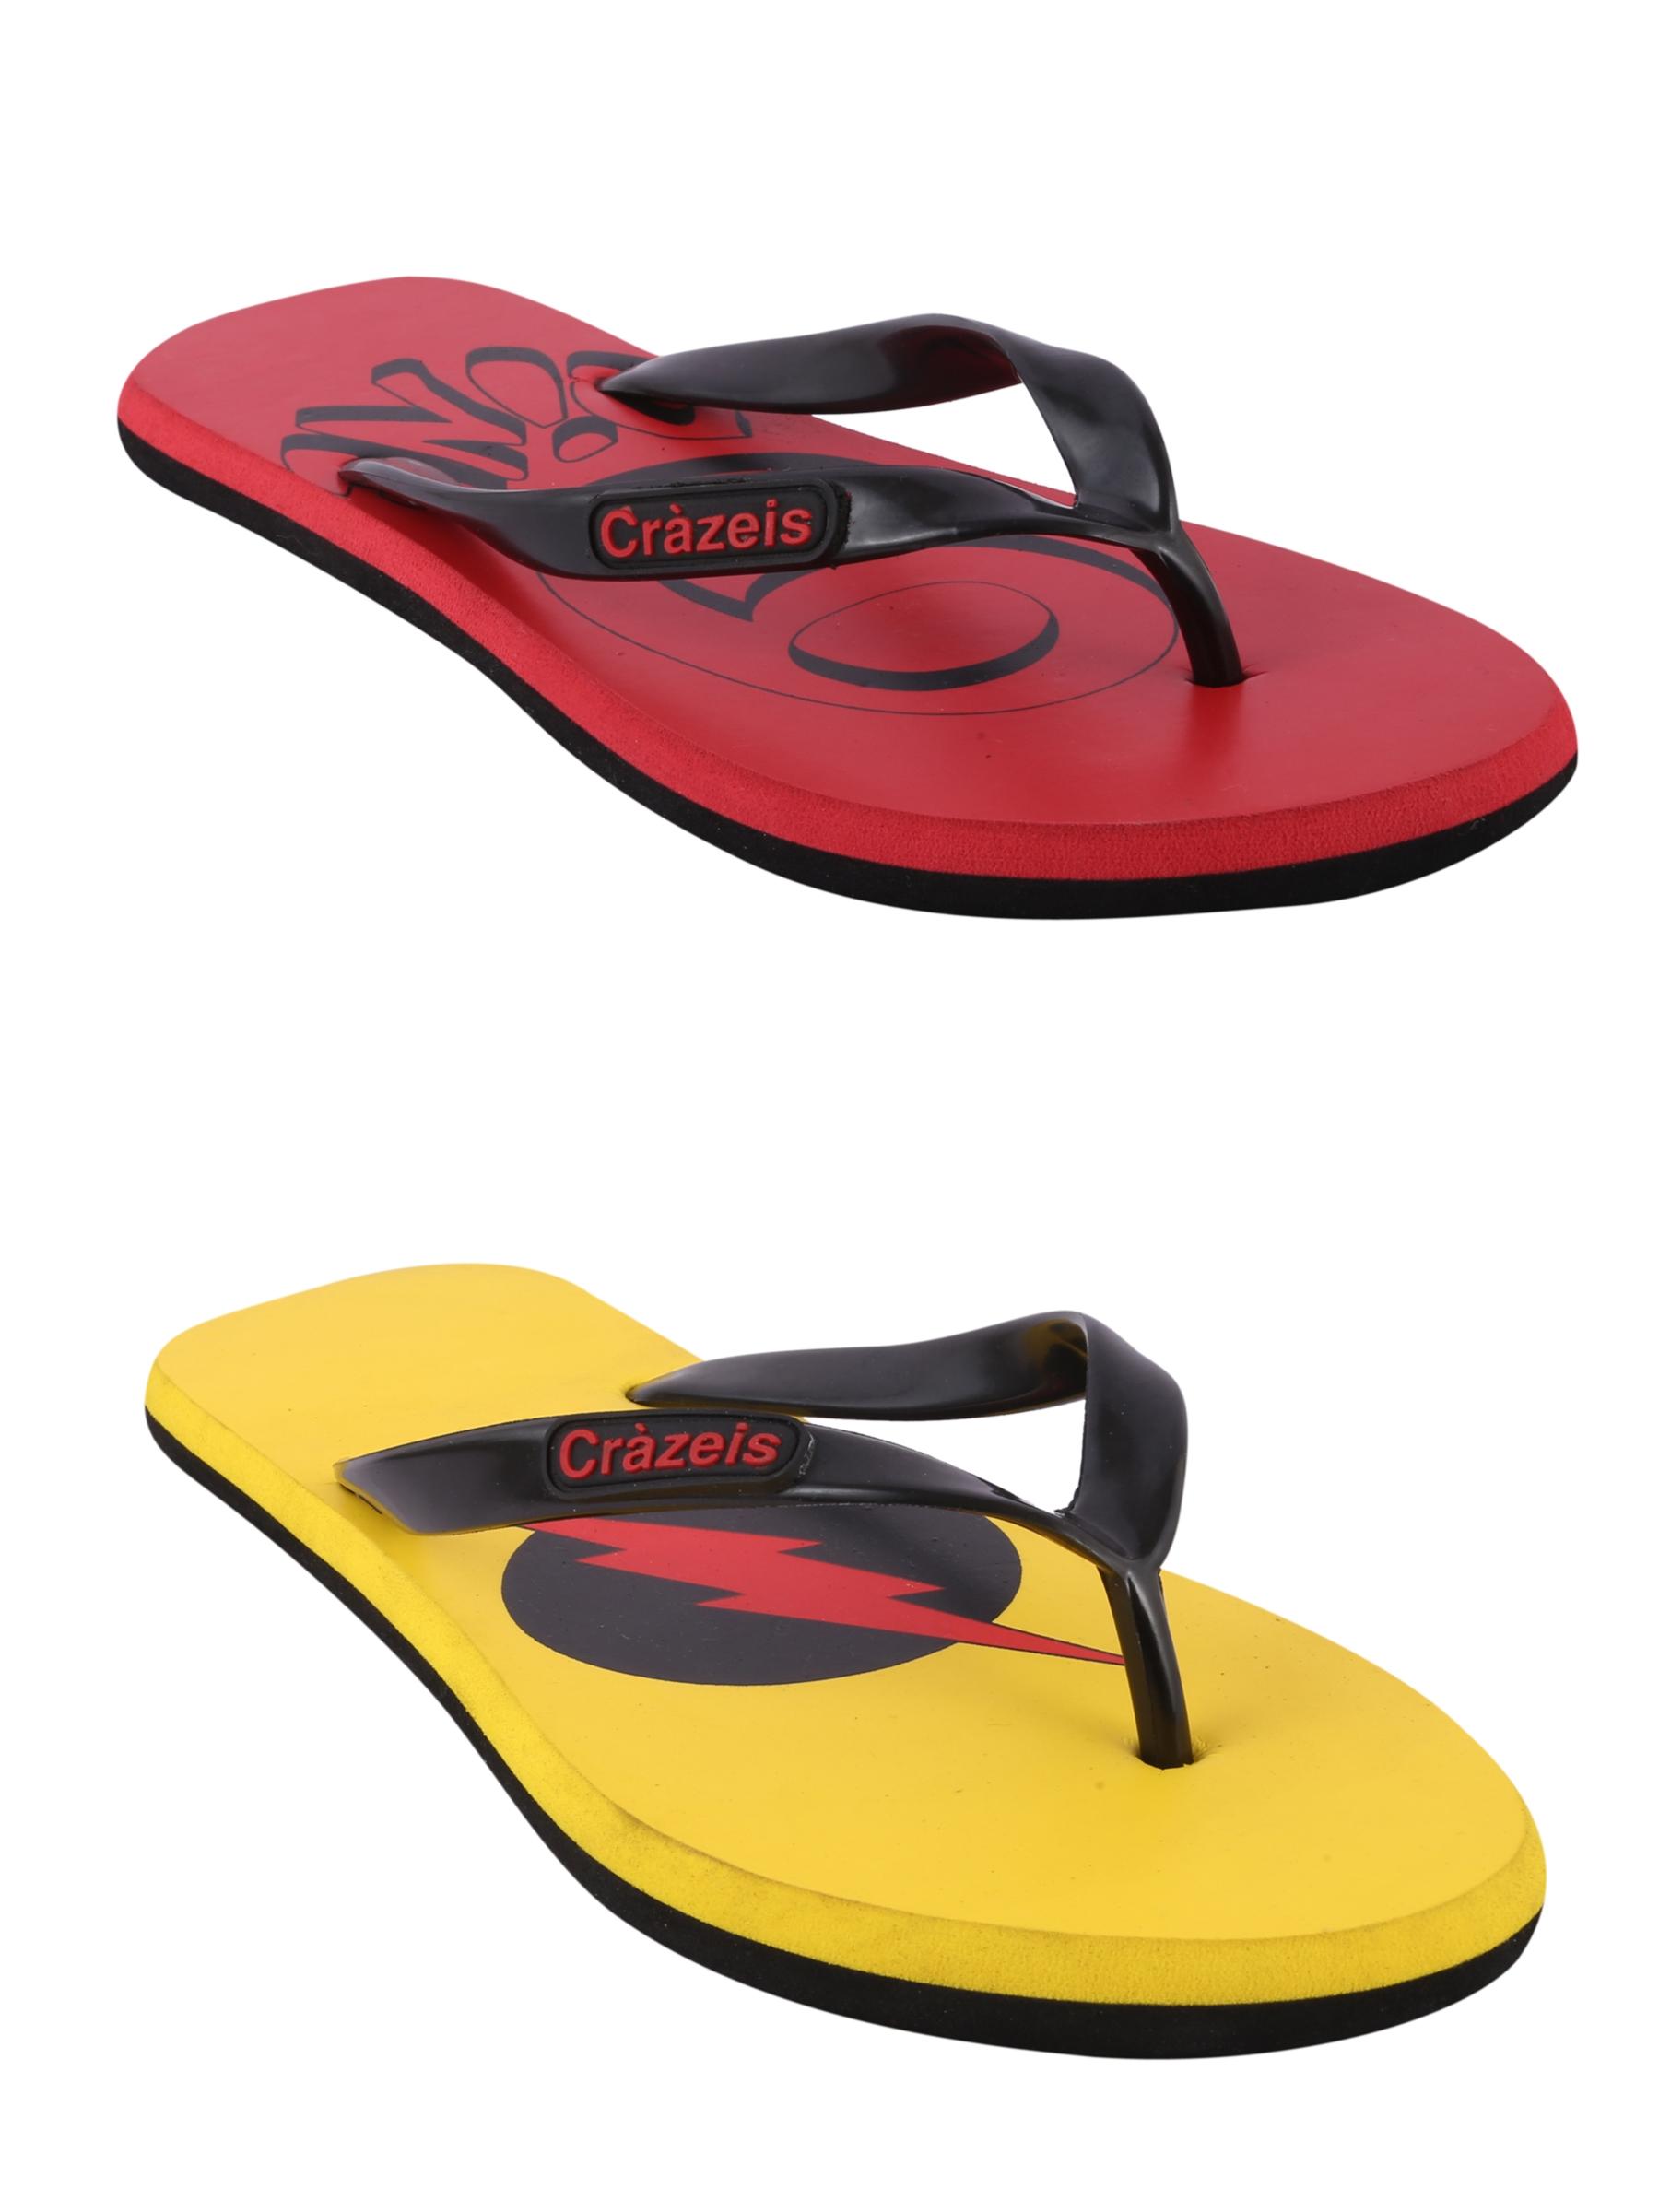 crazeis2 Crazeis Flip-flops Pack Of 2 For Men-013